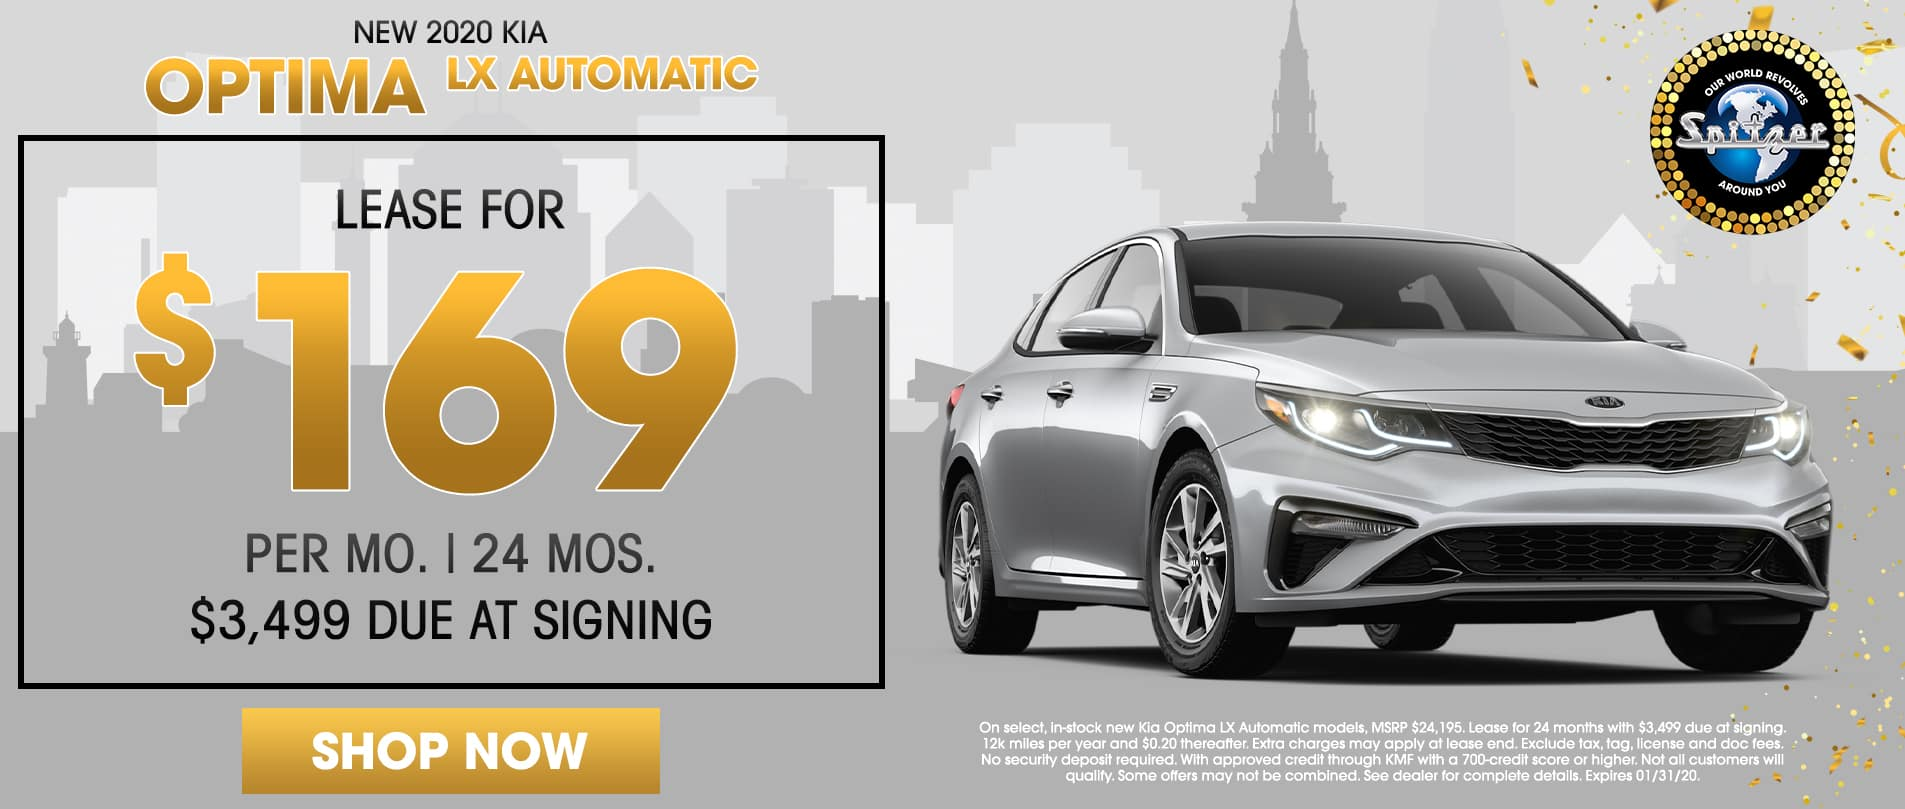 Optima | lease for $169 per mo